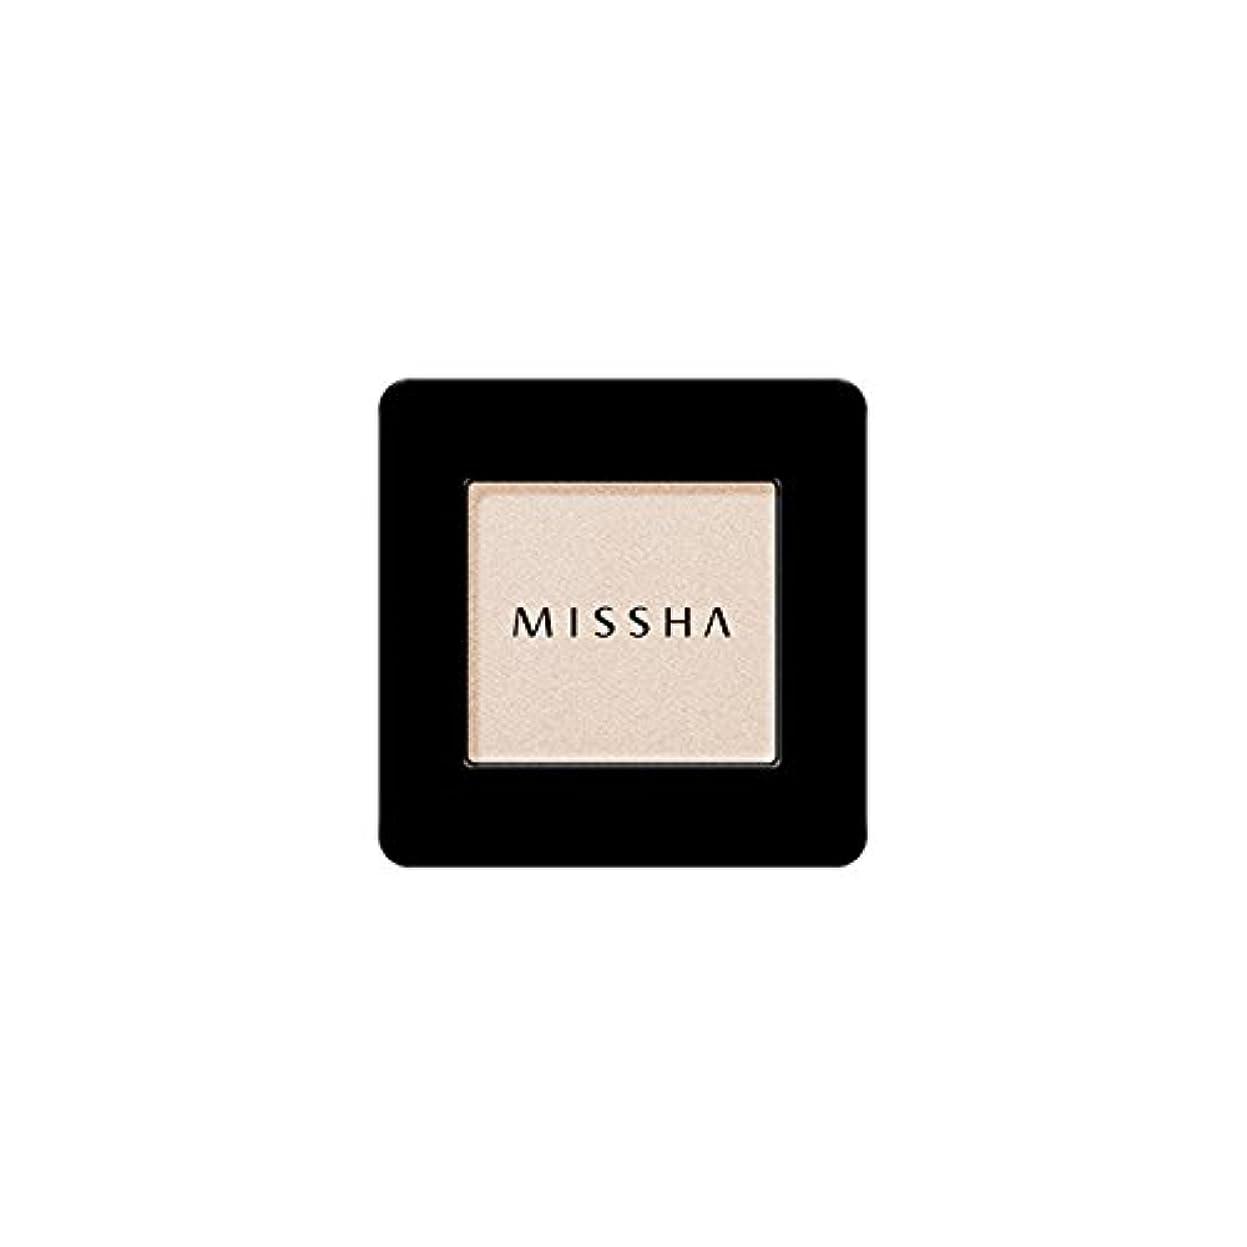 実際に中絶カラスMISSHA Modern Shadow [SHIMMER] 1.8g (#SBE01 Santa Barbara)/ミシャ モダン シャドウ [シマー] 1.8g (#SBE01 Santa Barbara)